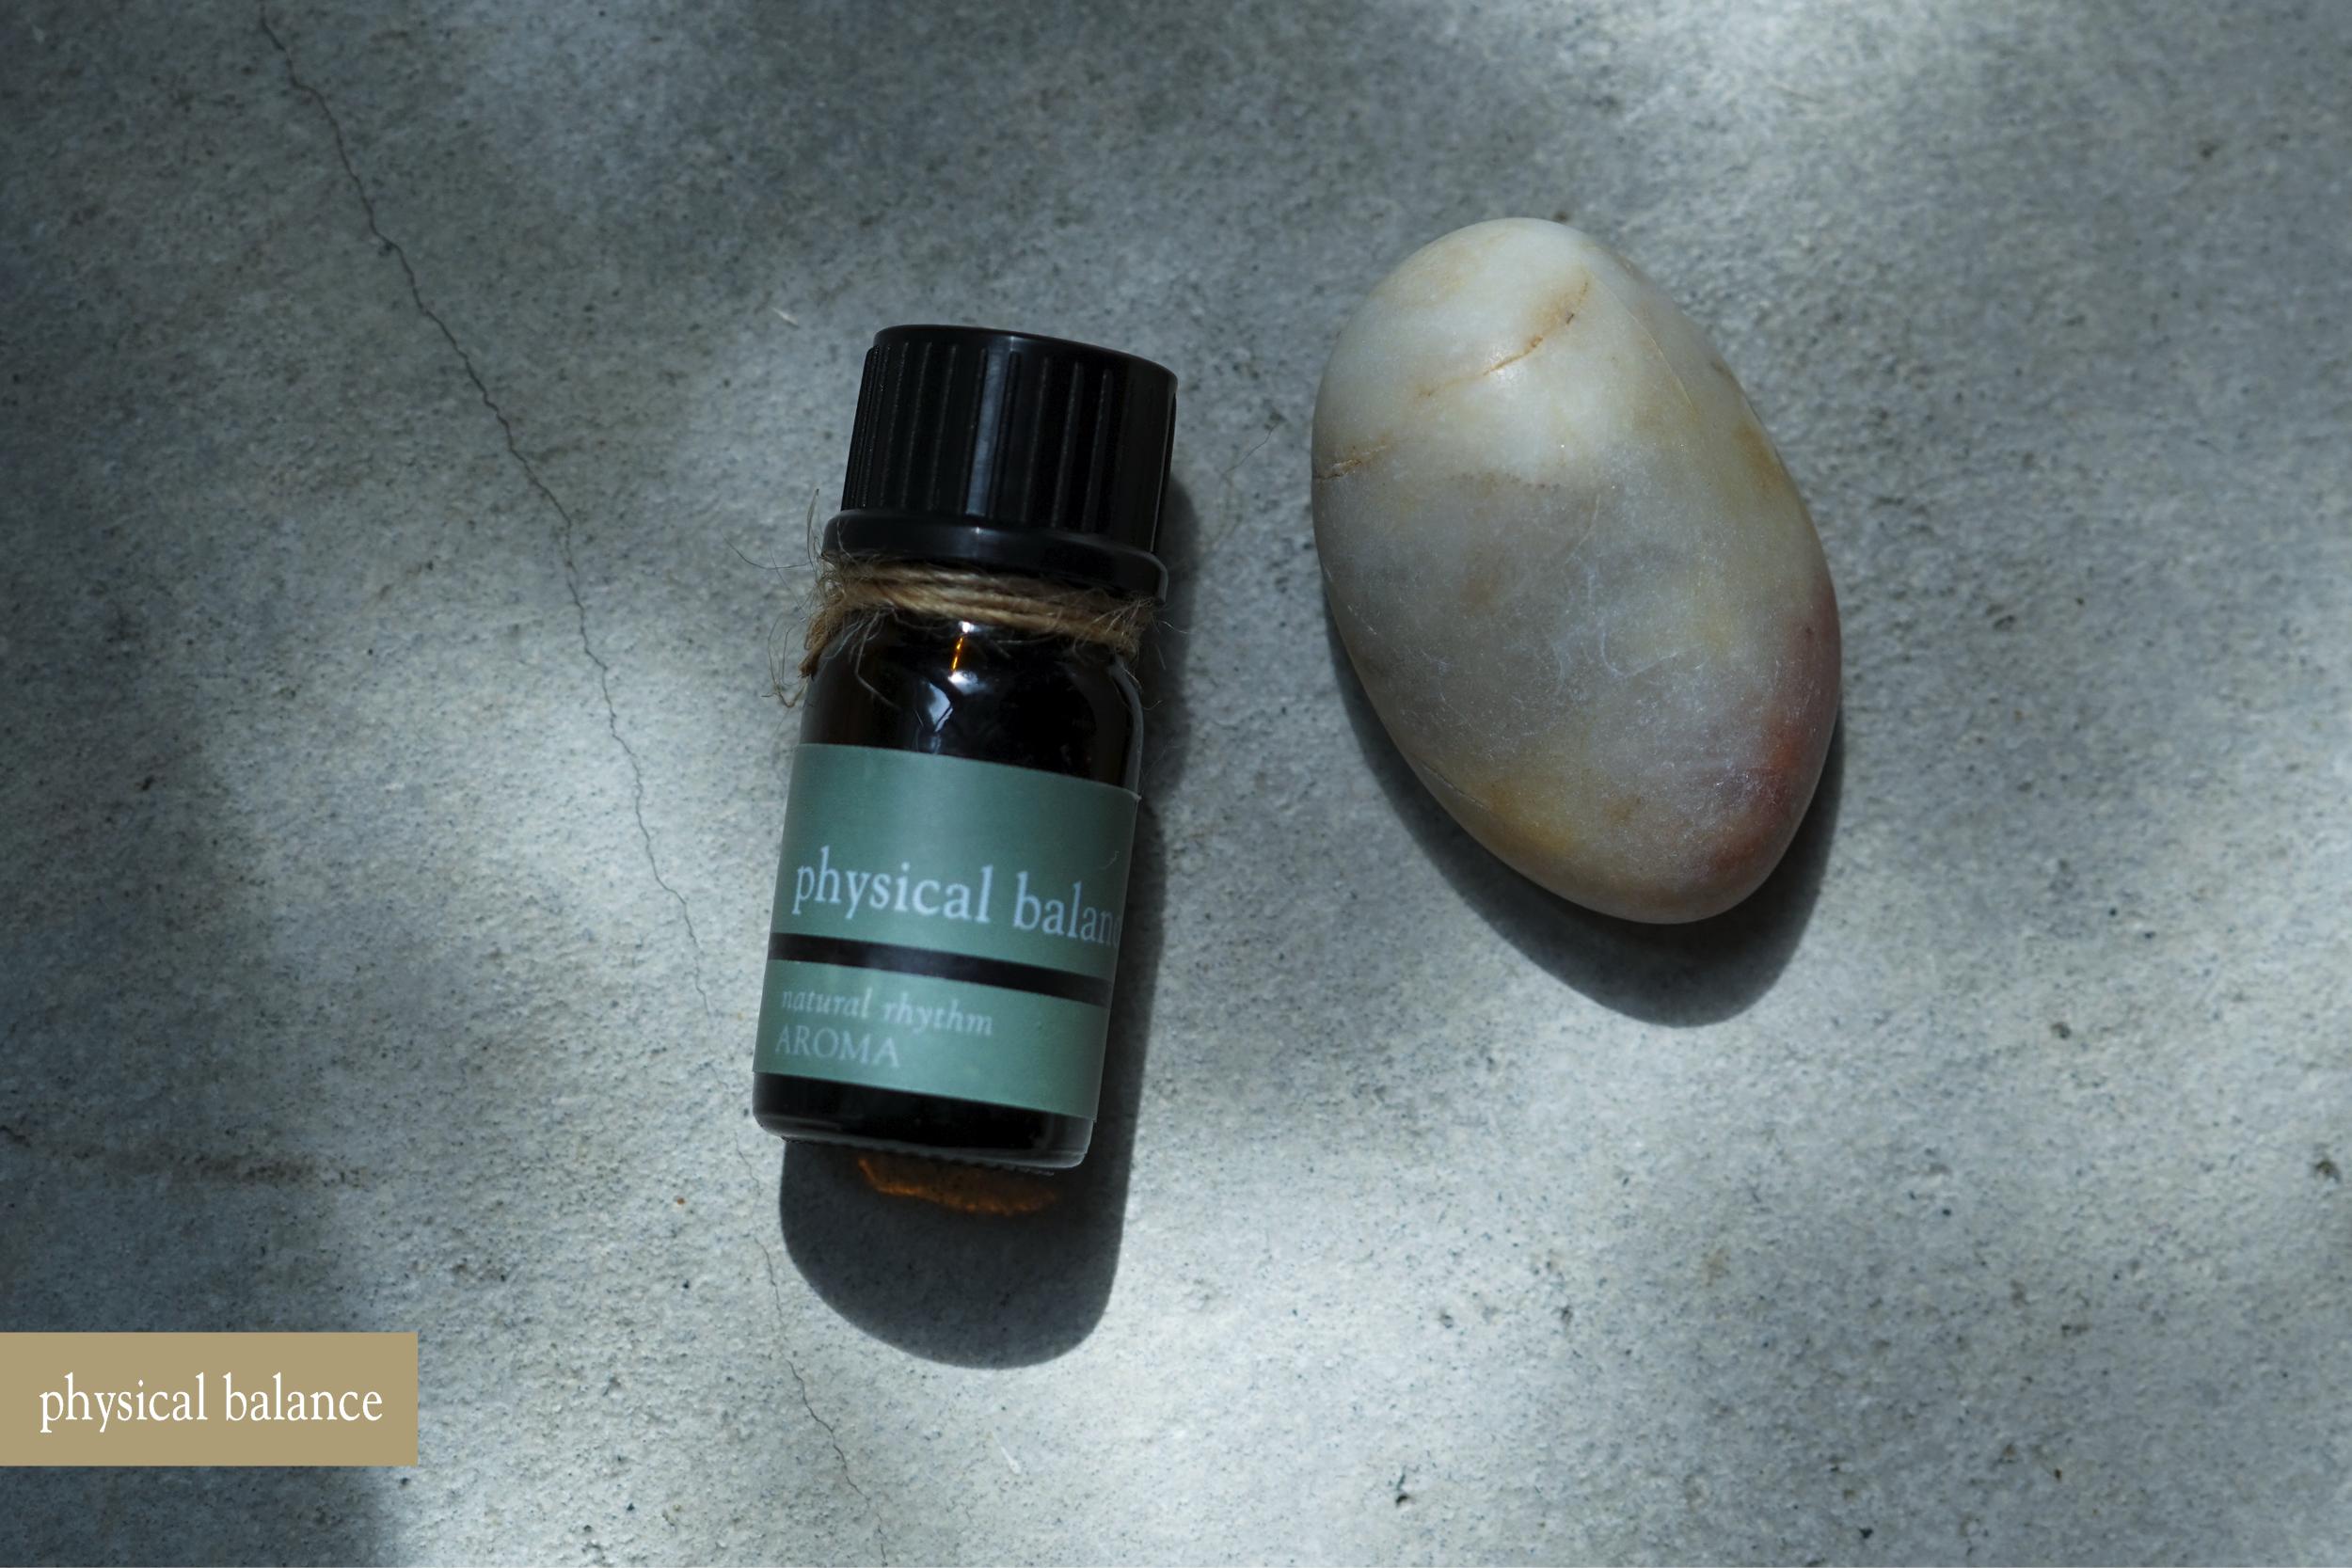 免疫力と心身のバランスを考える《physical balance》精油100% アロマオイル & アロマストーン